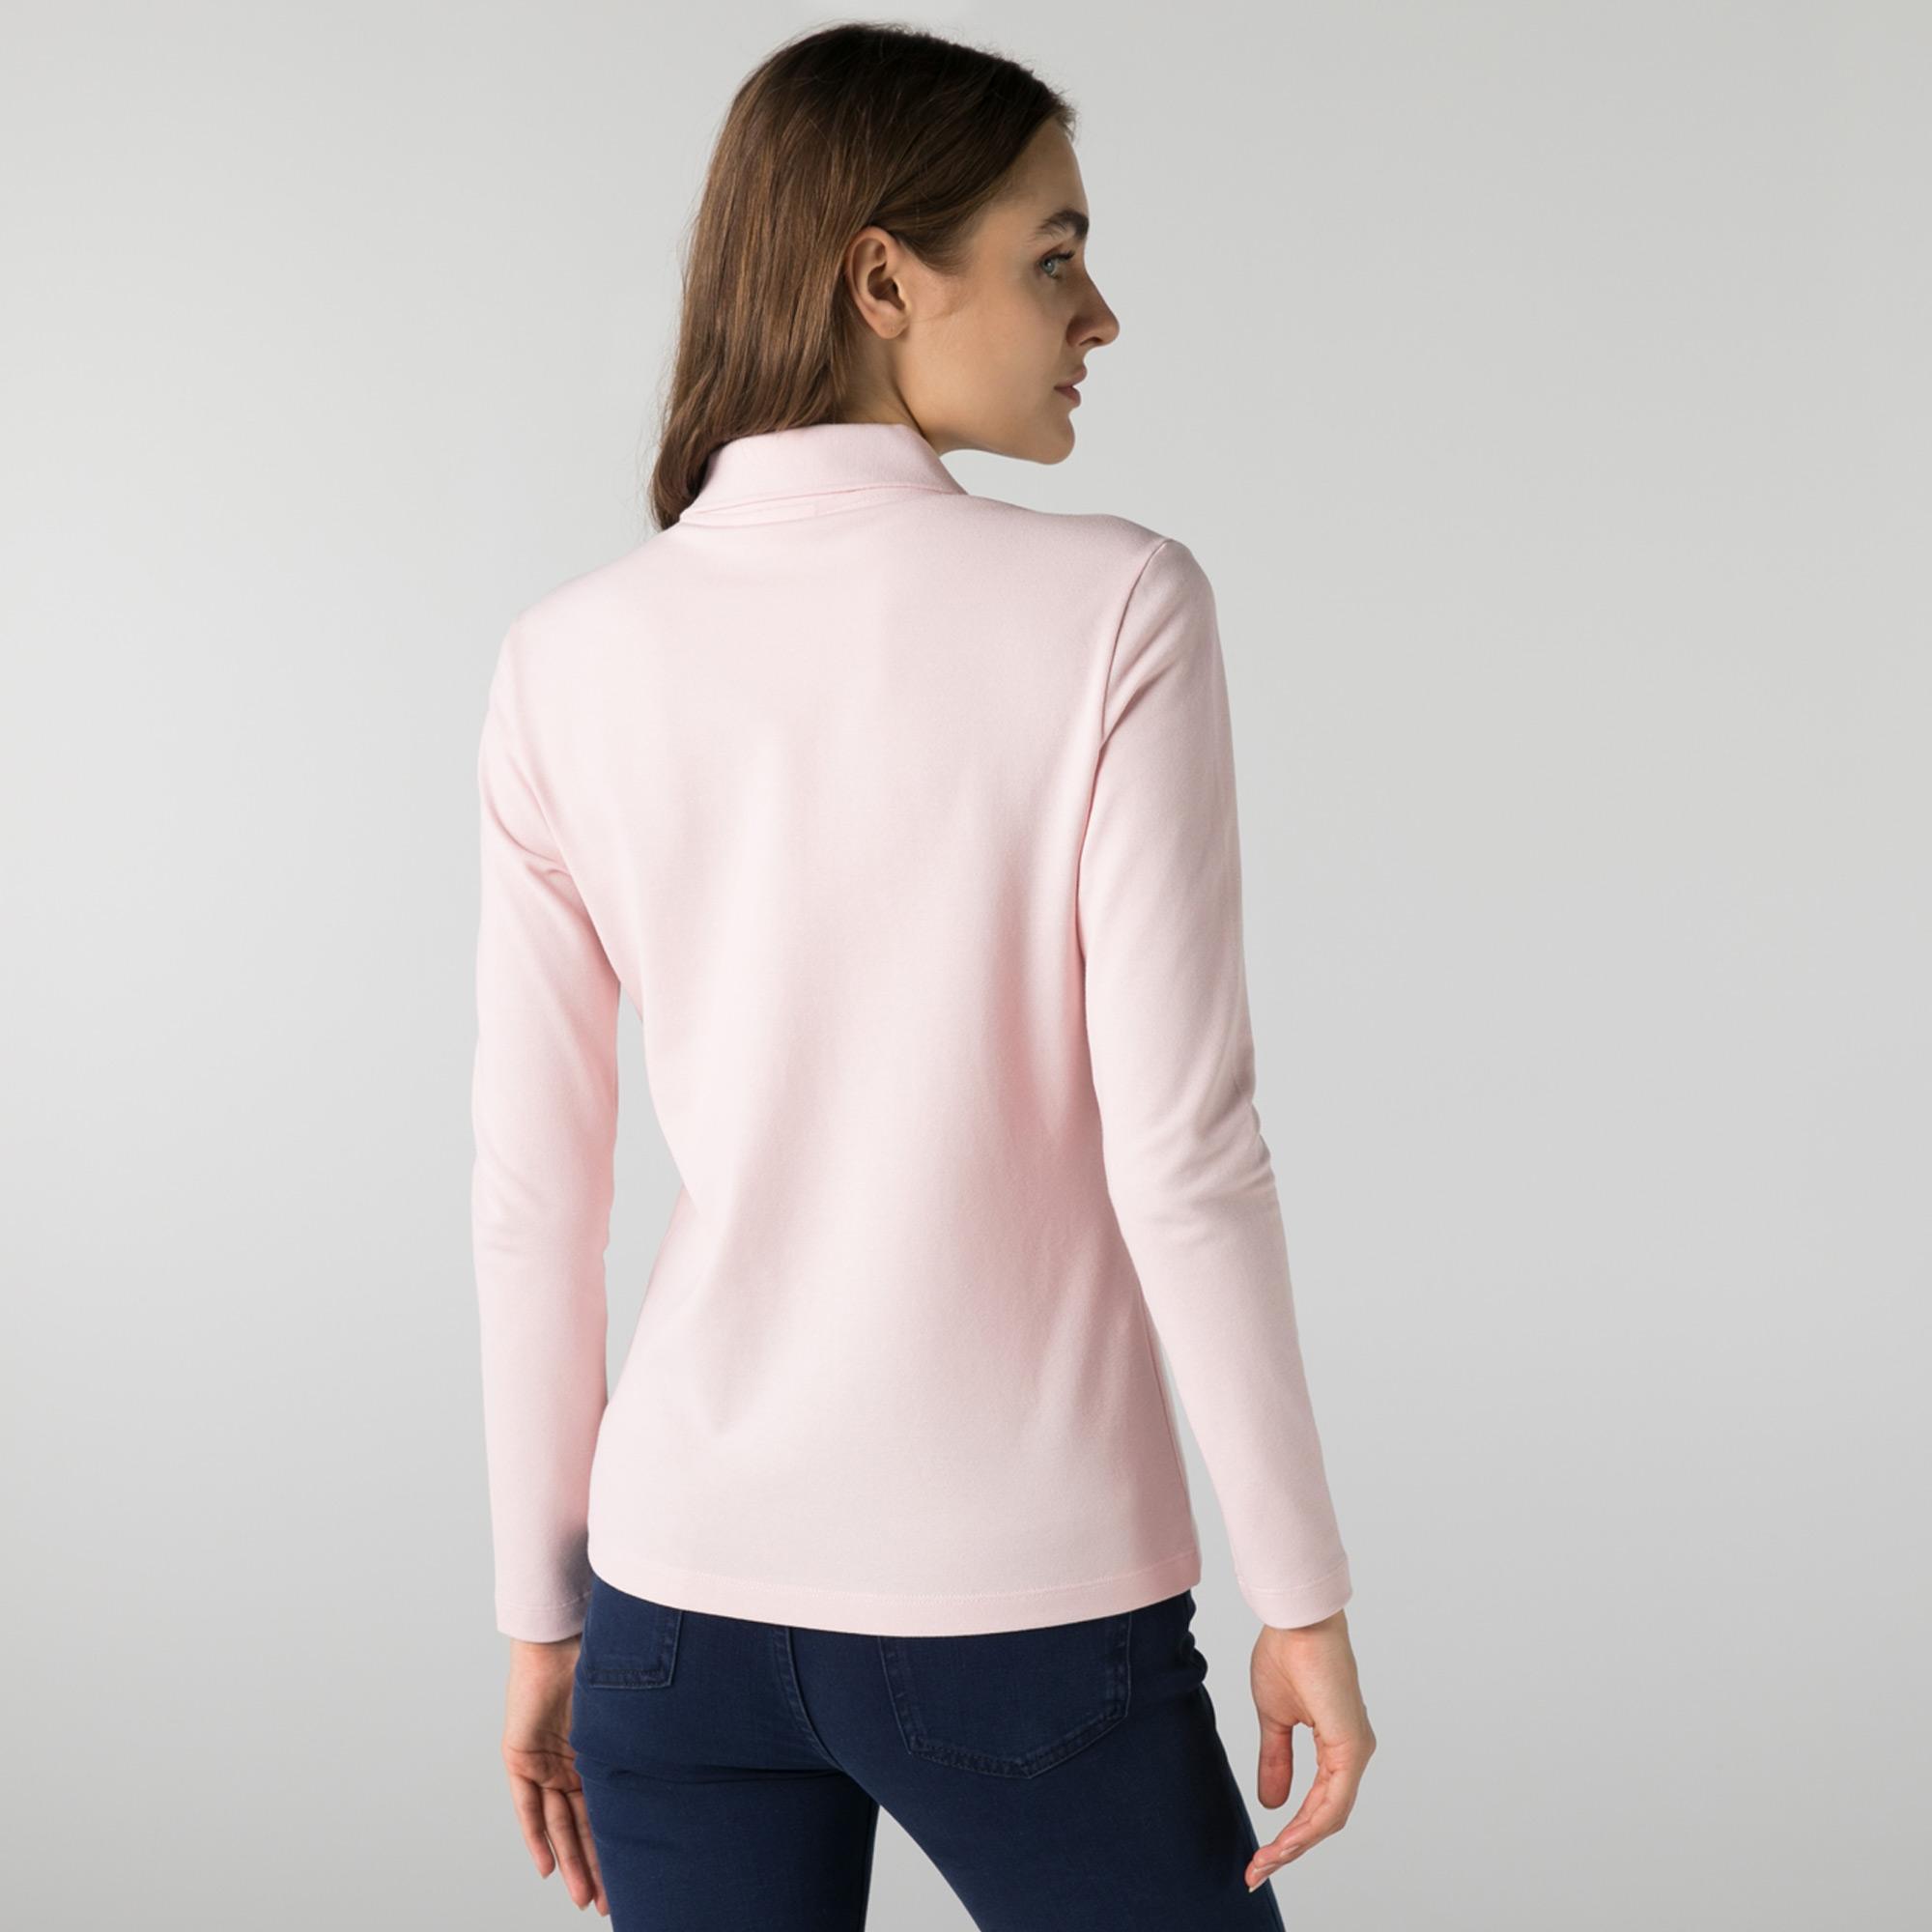 Lacoste Kadın Slim Fit Uzun Kollu Açık Pembe Polo